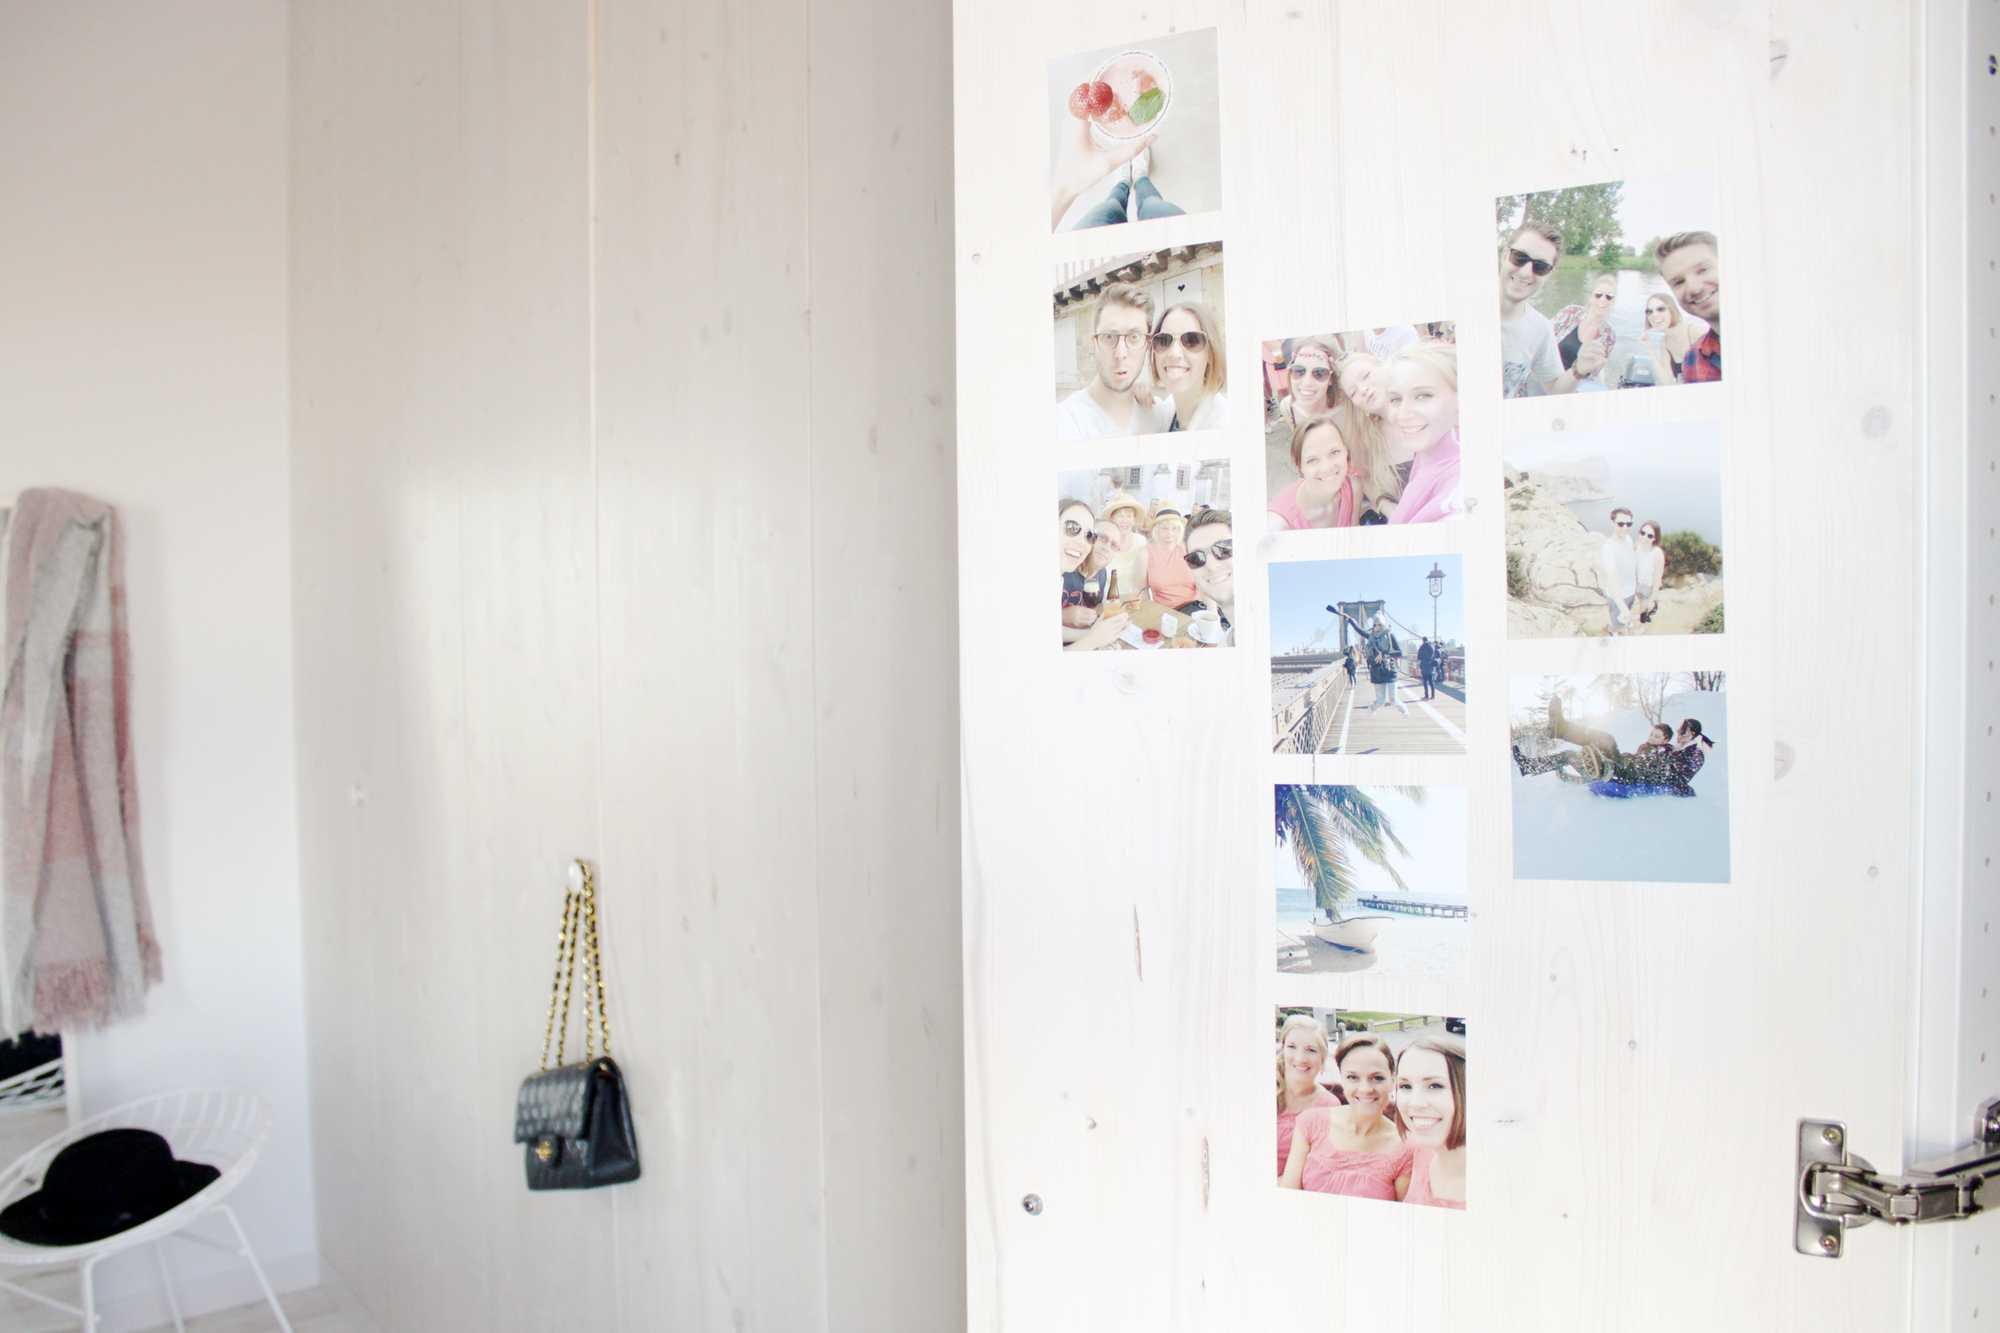 kleerkast foto deur